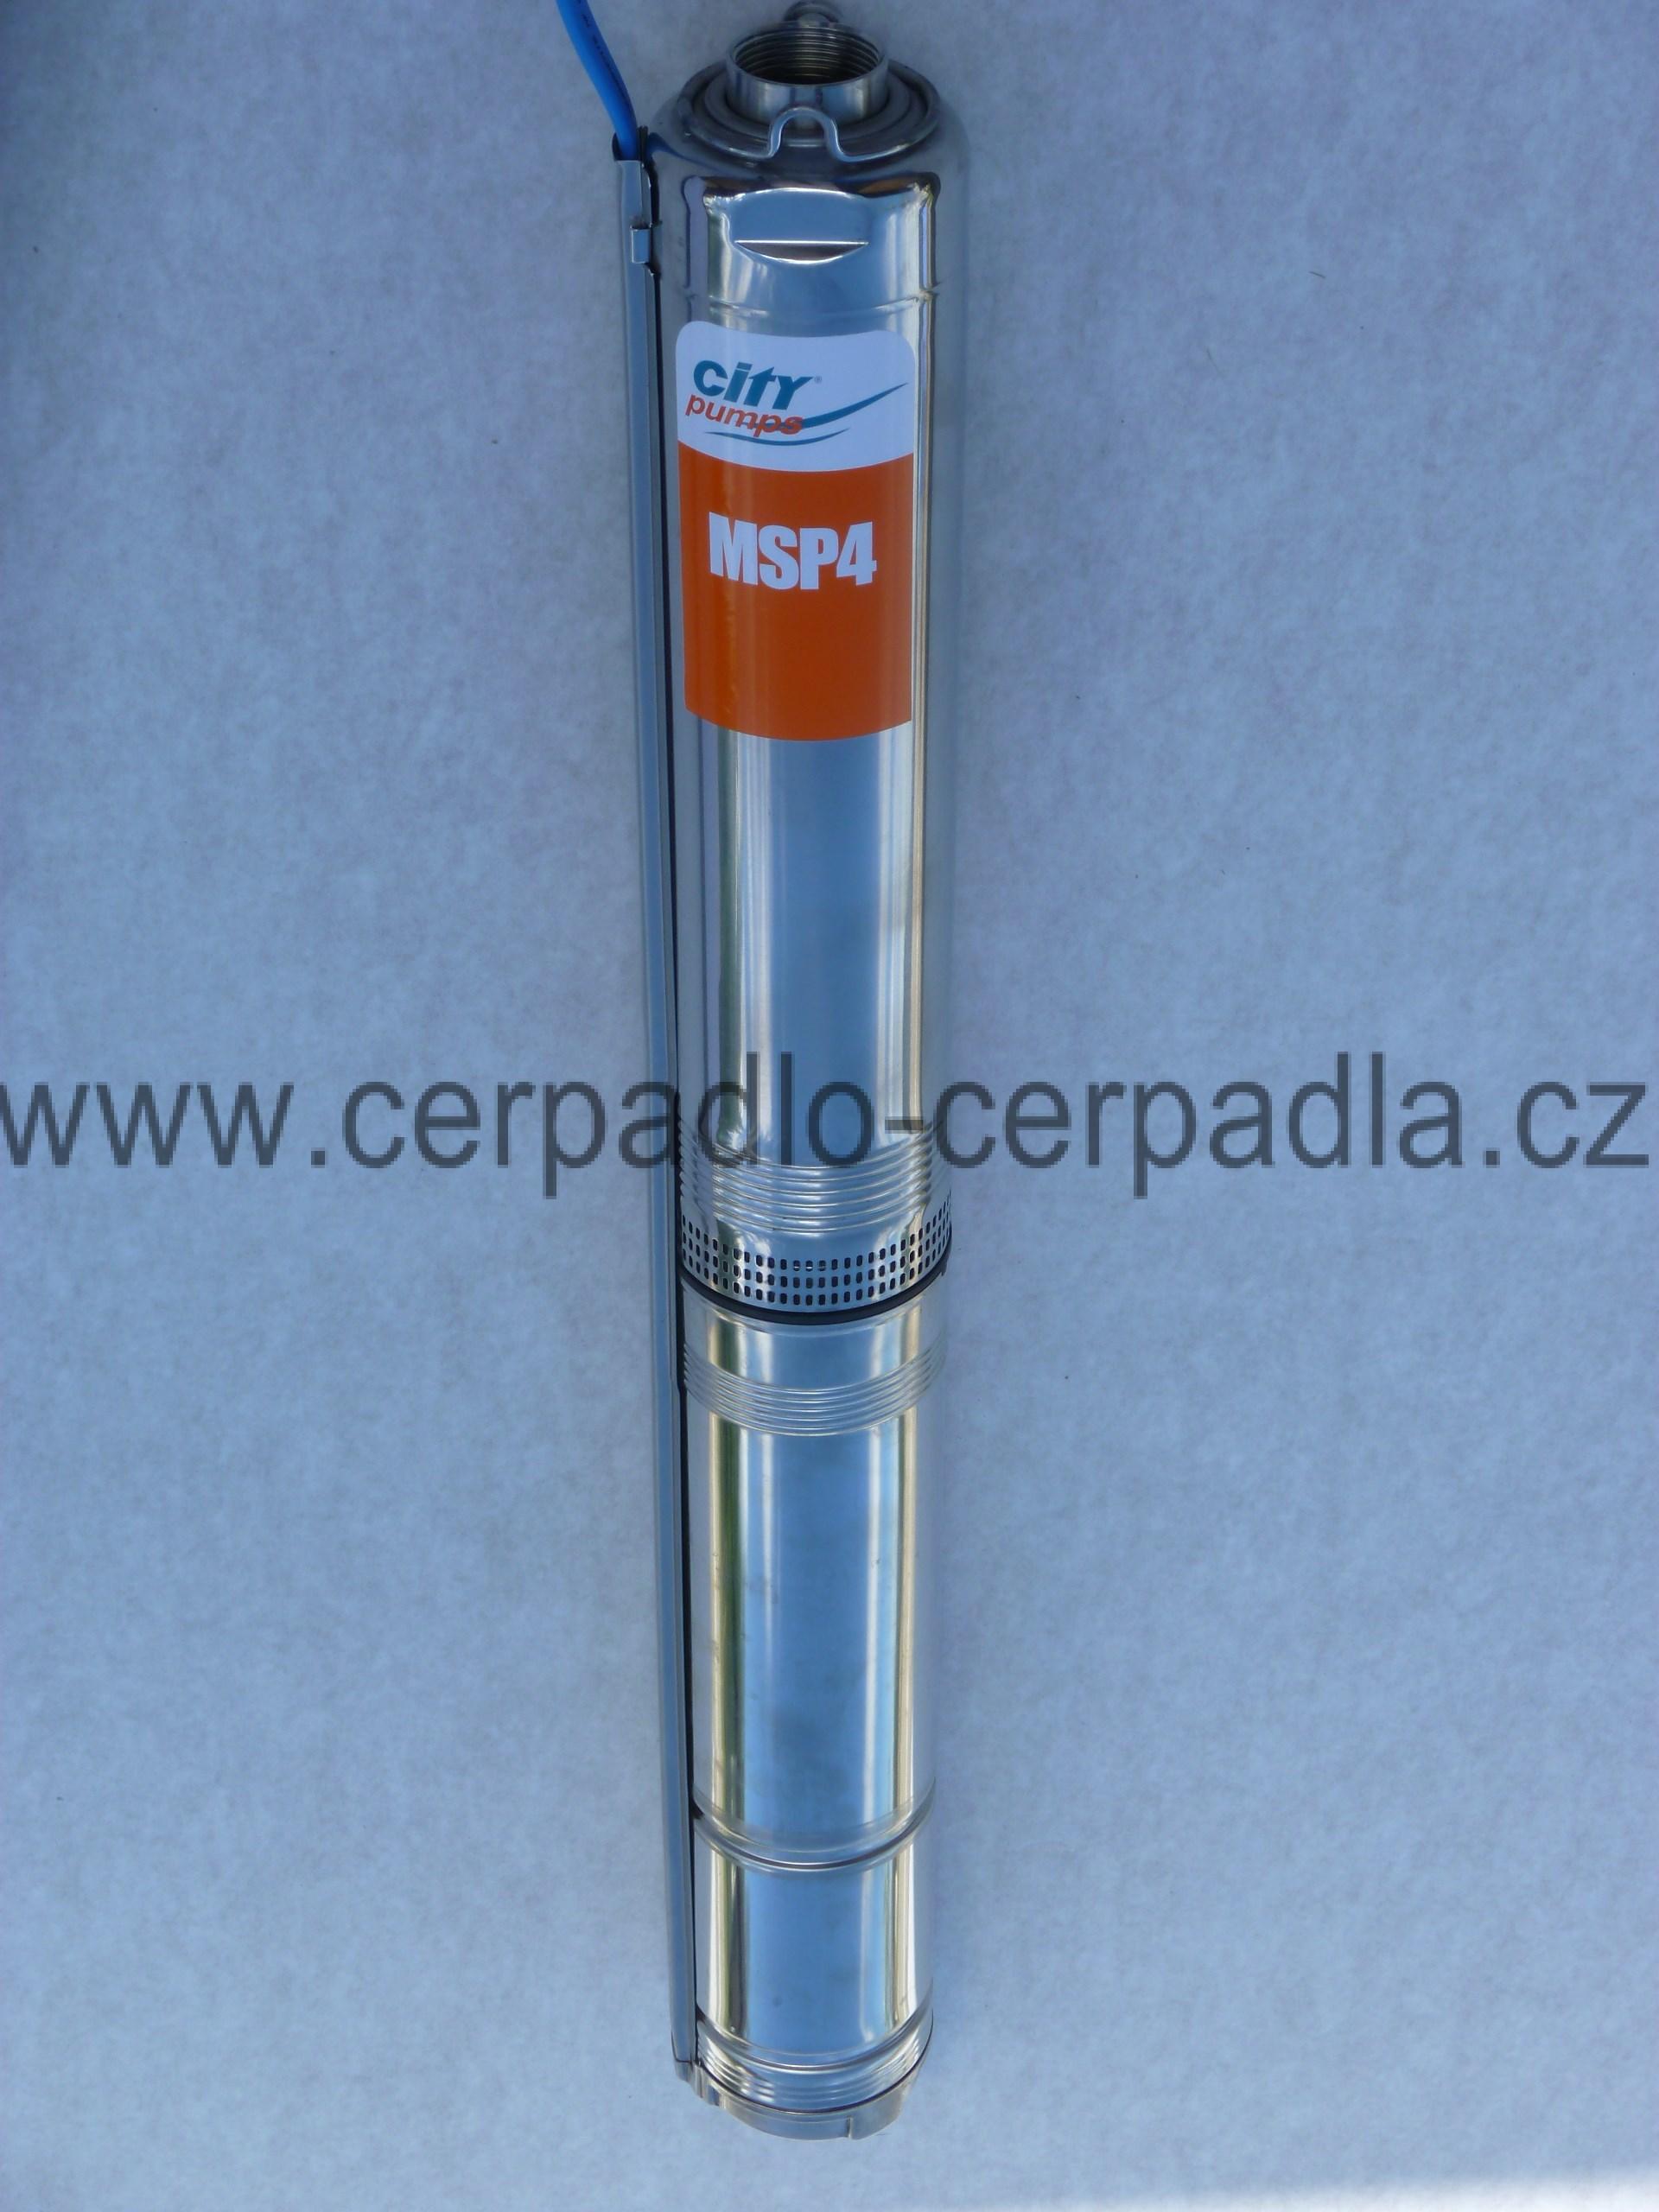 2MSP10-4 ponorné čerpadlo 35m kabel 230V, City Pumps (ponorná nerezová čerpadla MSP 4 do vrtu, ponorné čerpadlo City Pumps)